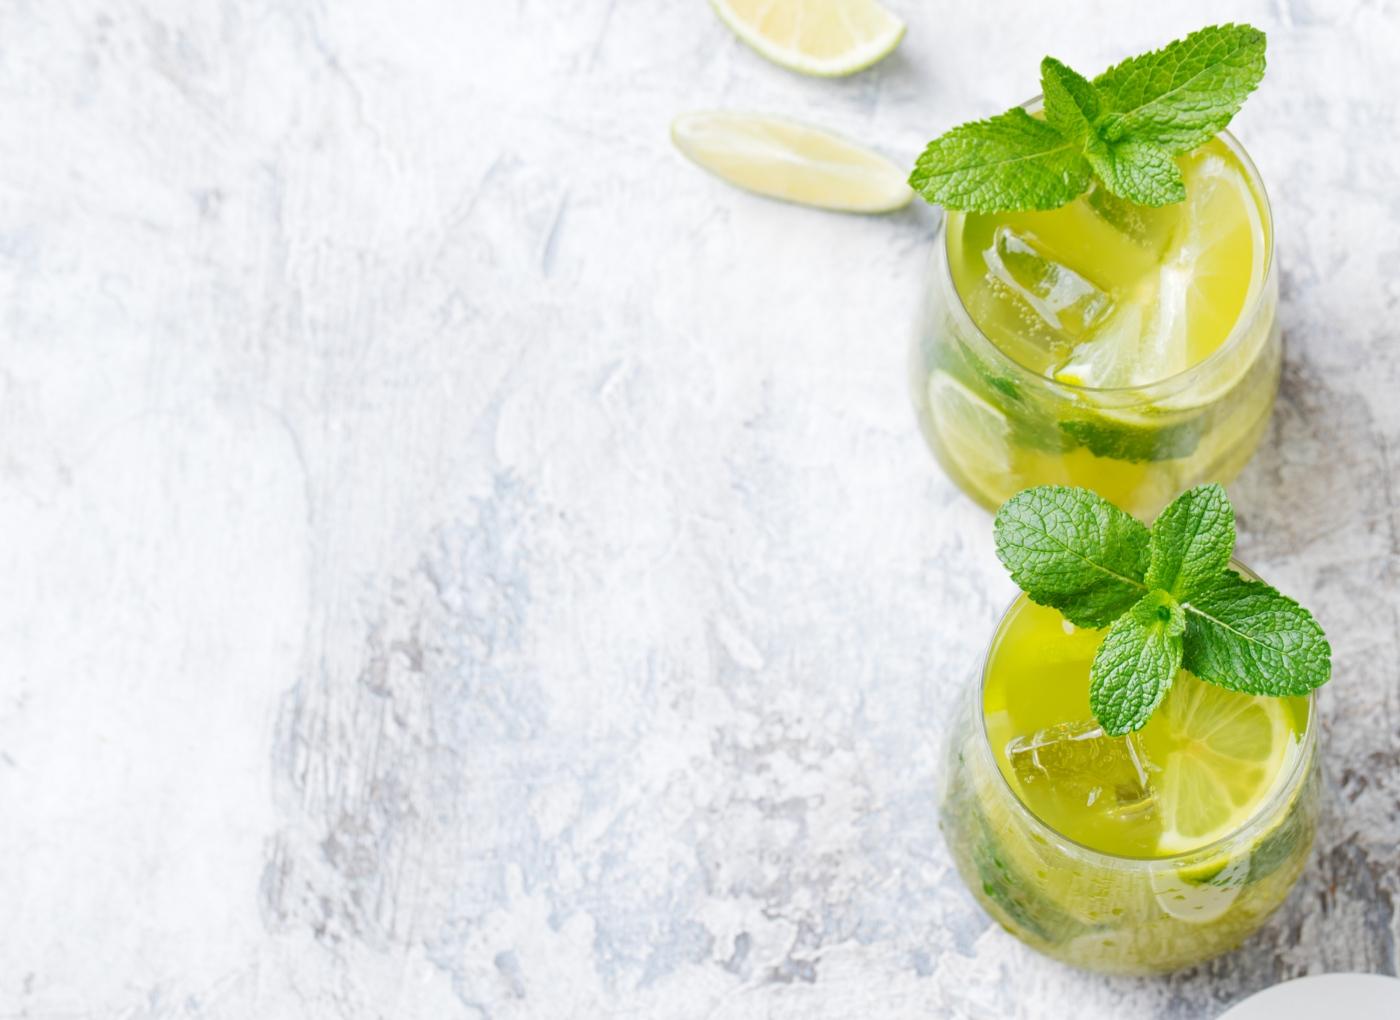 Chá de menta faz mal à saúde?